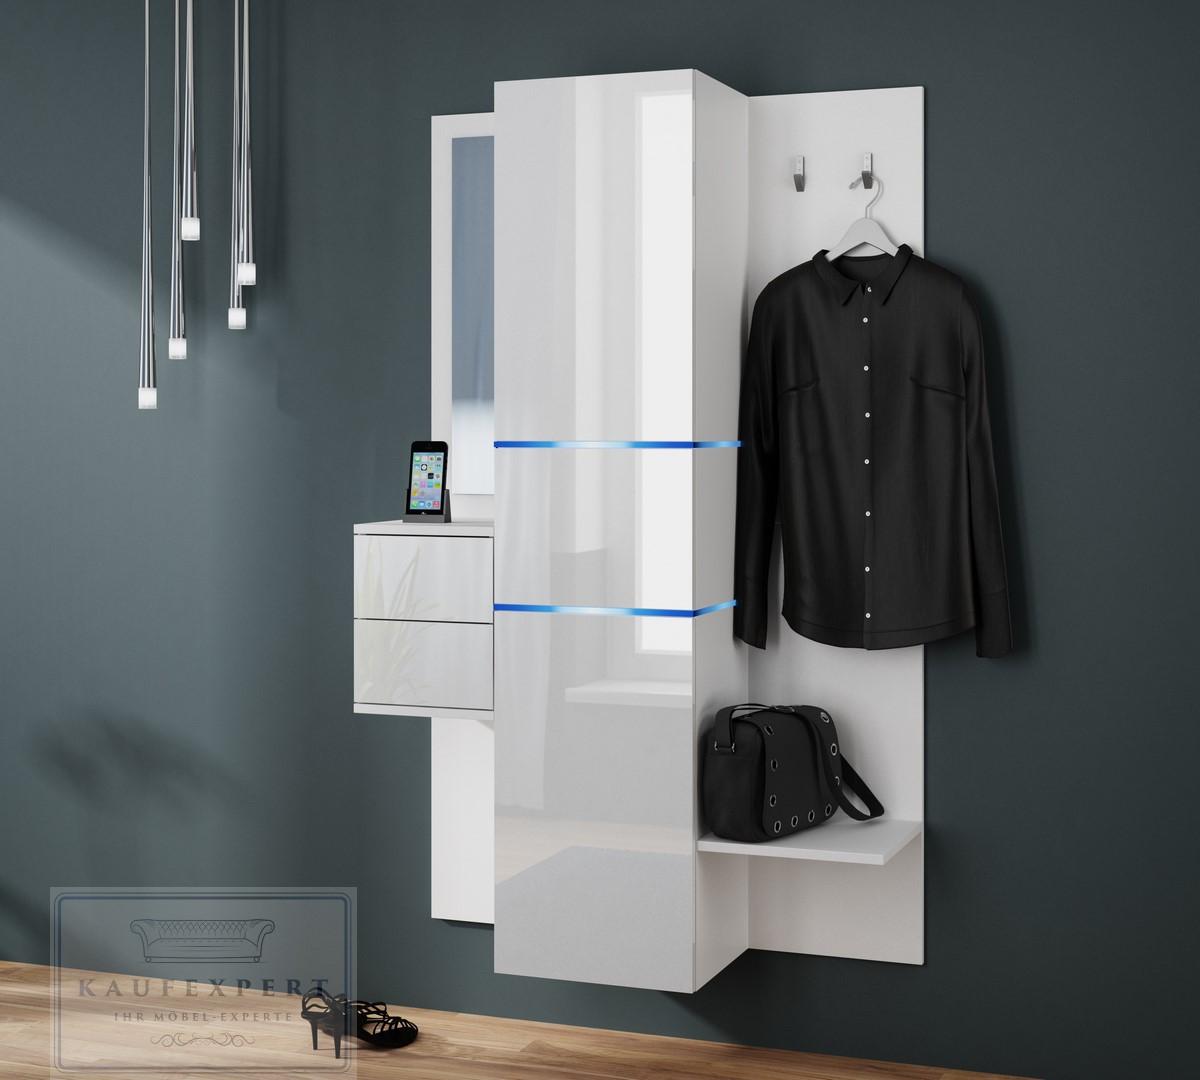 kaufexpert garderobe camino wei hochglanz mit spiegel led beleuchtung garderoben set. Black Bedroom Furniture Sets. Home Design Ideas